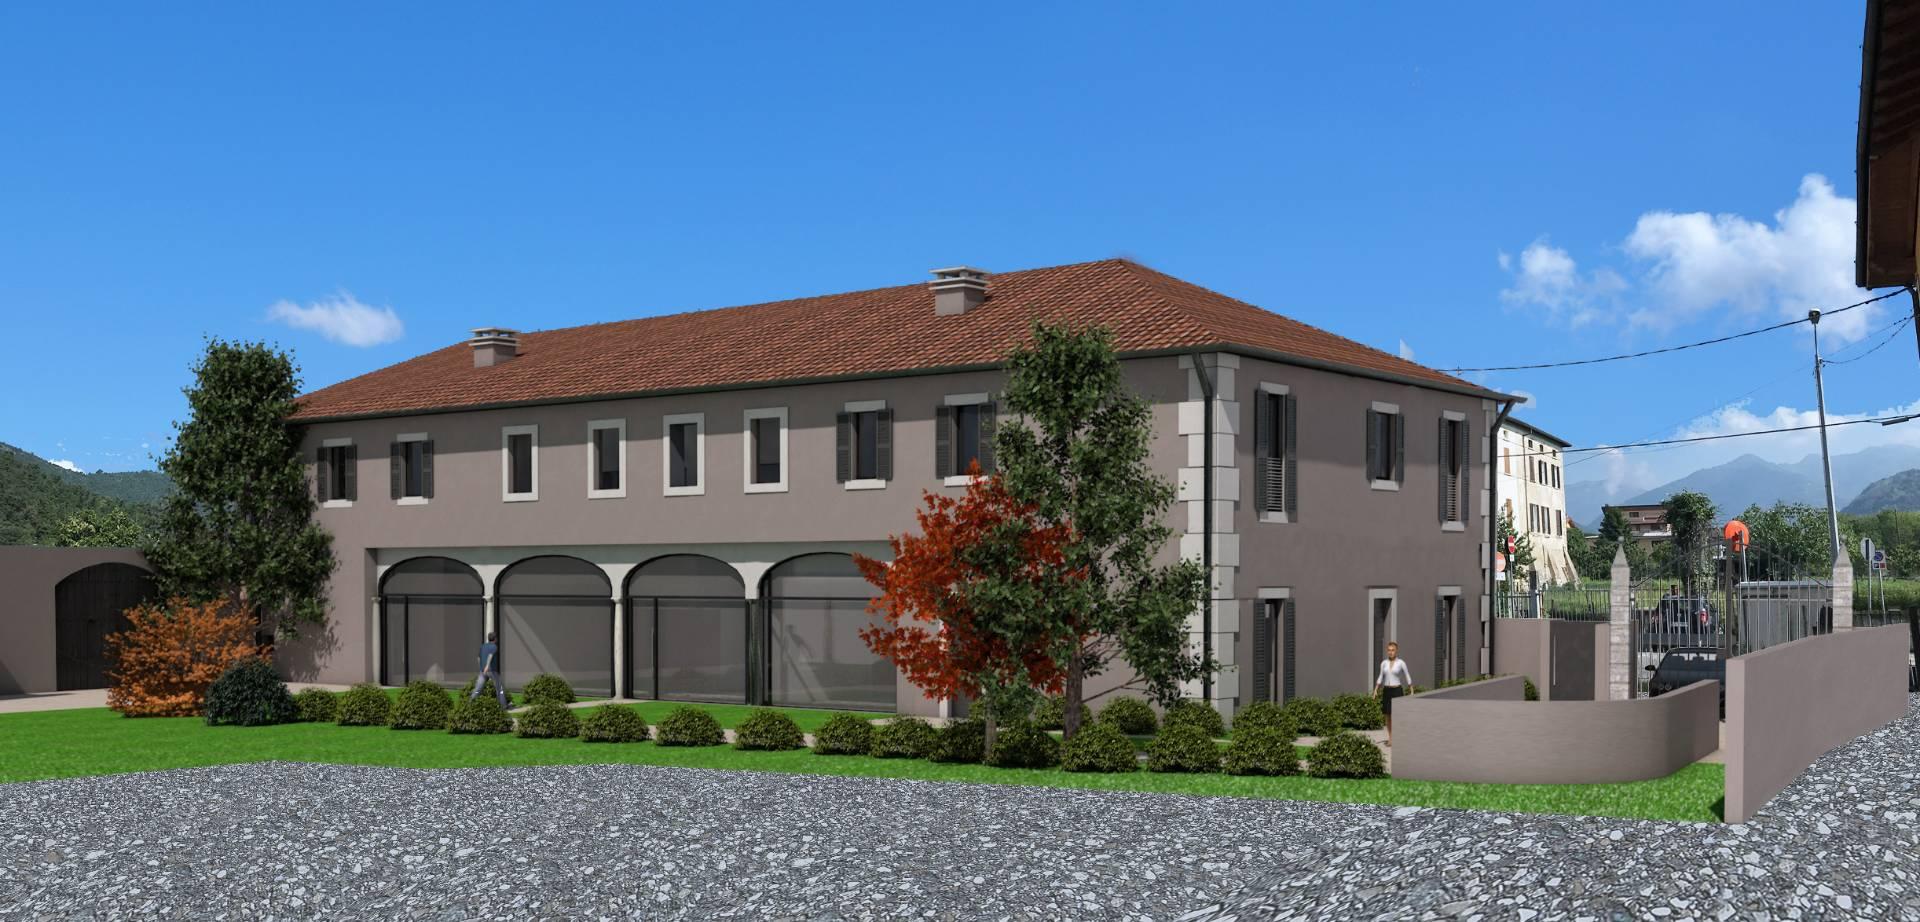 Appartamento in vendita a Concesio, 2 locali, zona Località: SanVigilio, prezzo € 110.000 | CambioCasa.it